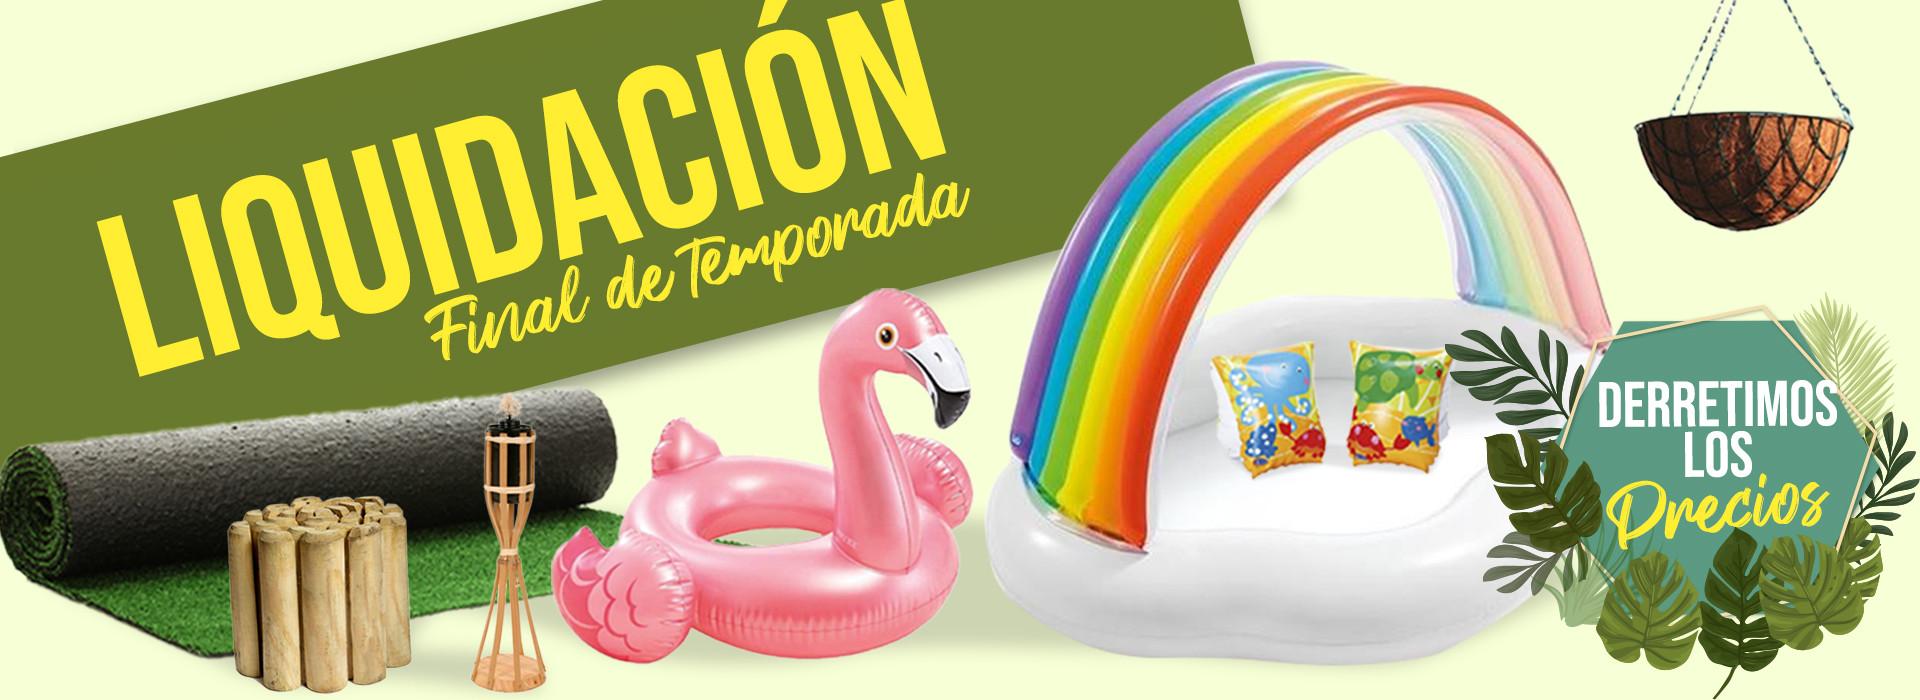 Liquidacion_Faura_ColorBaby